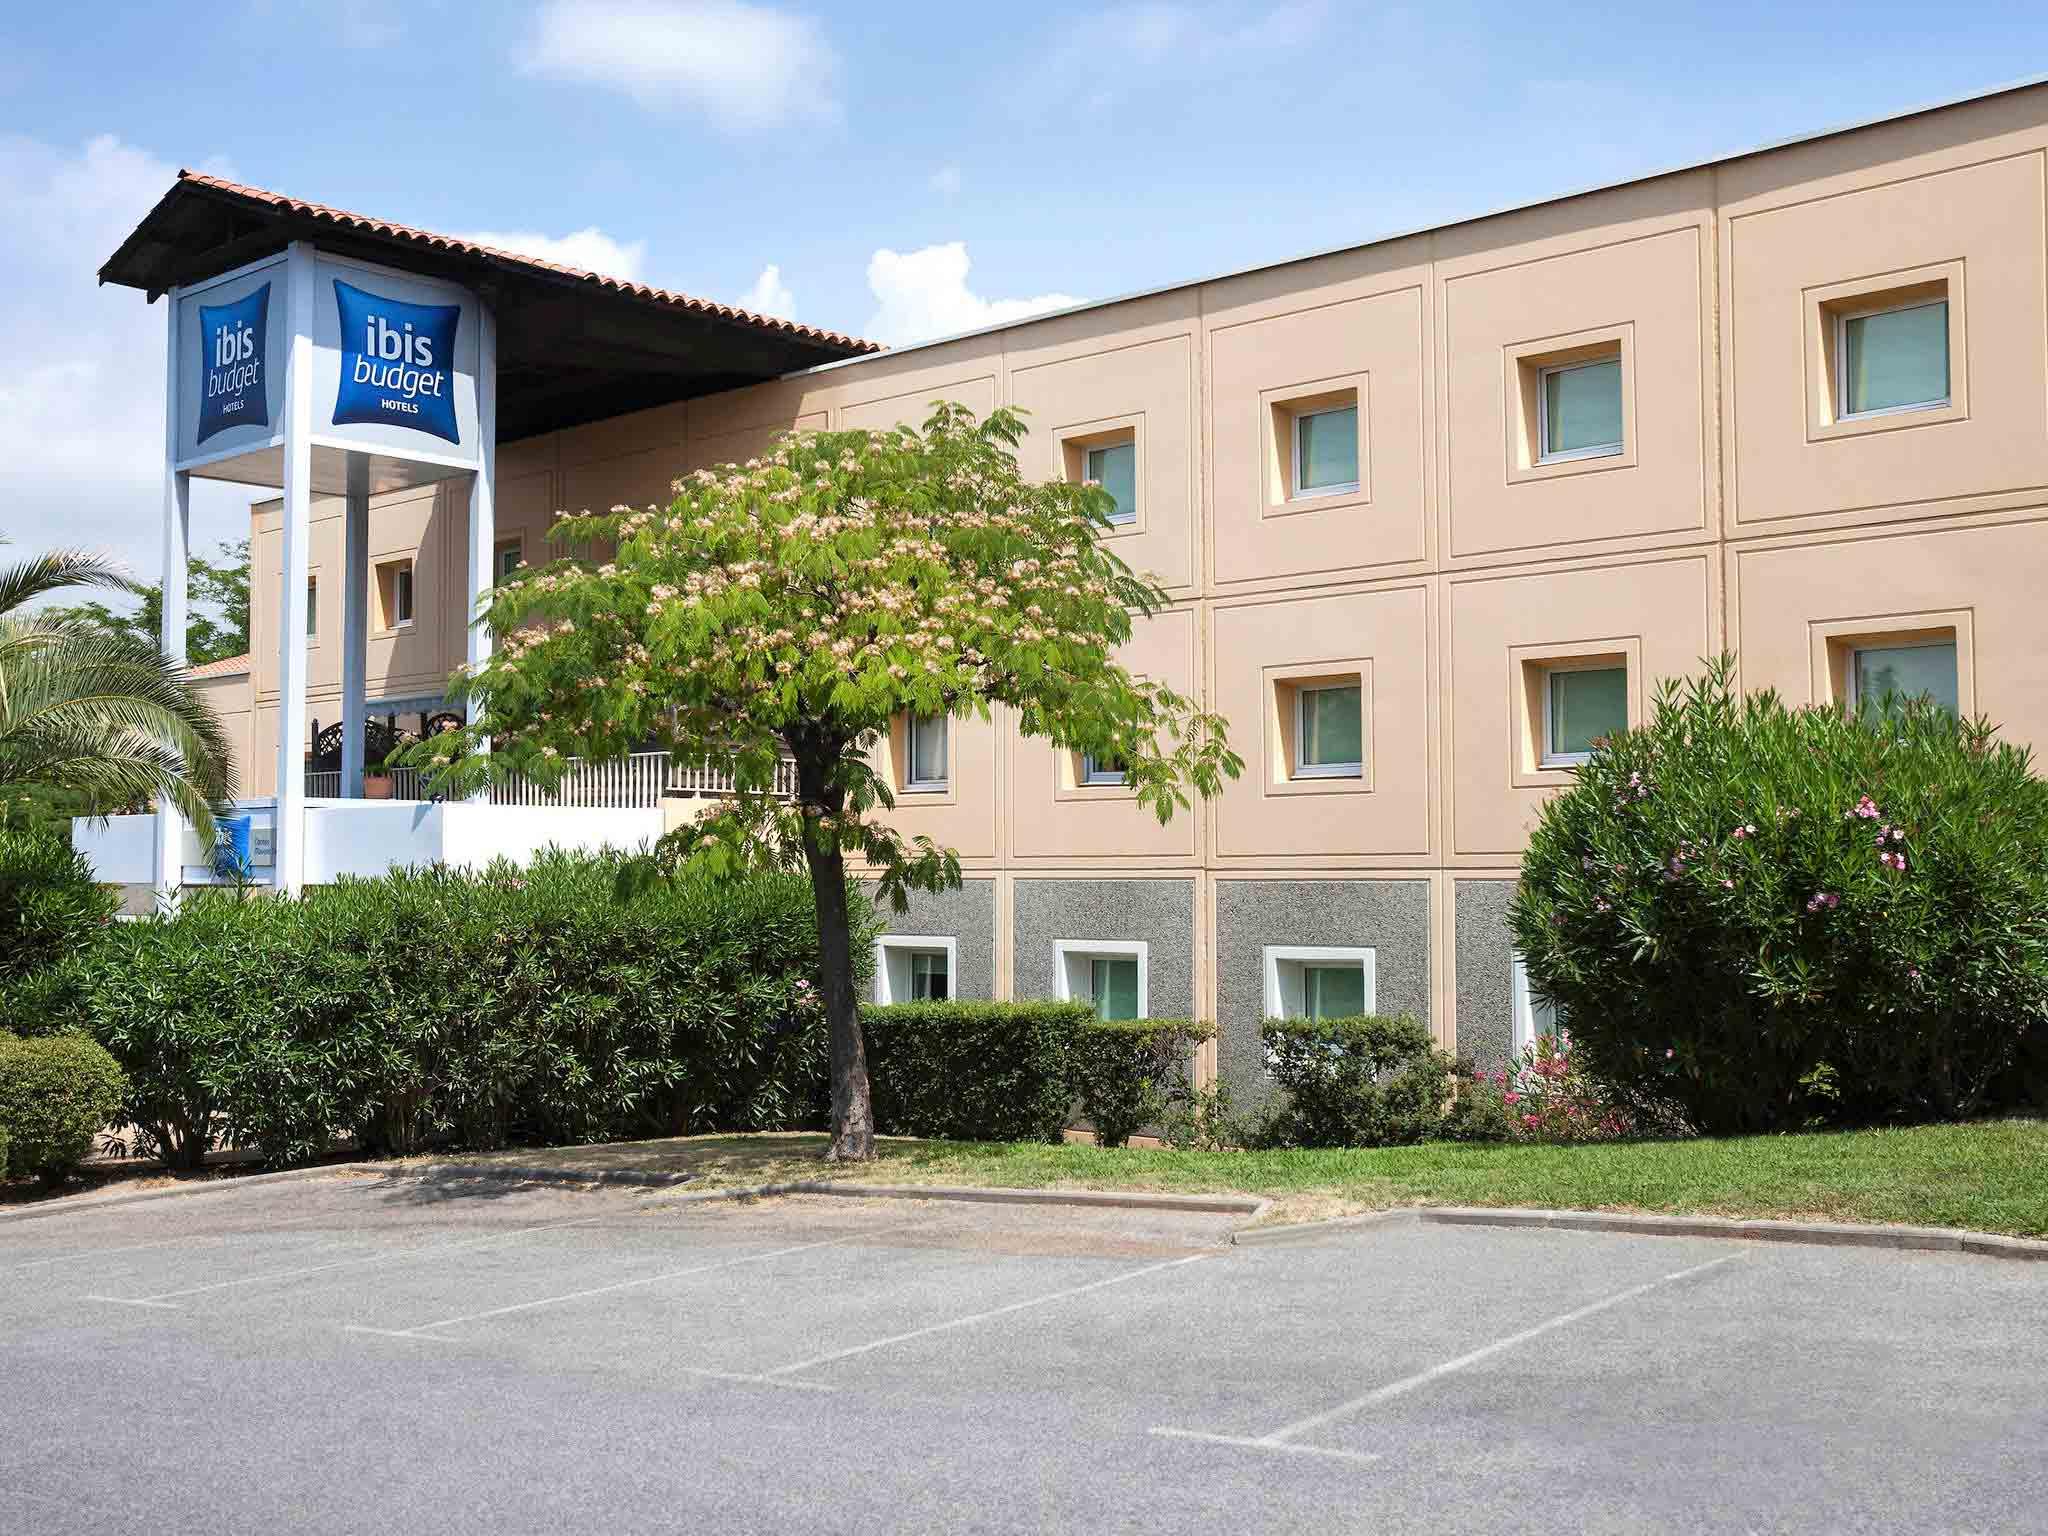 Hotel – ibis budget Cannes Mouans Sartoux